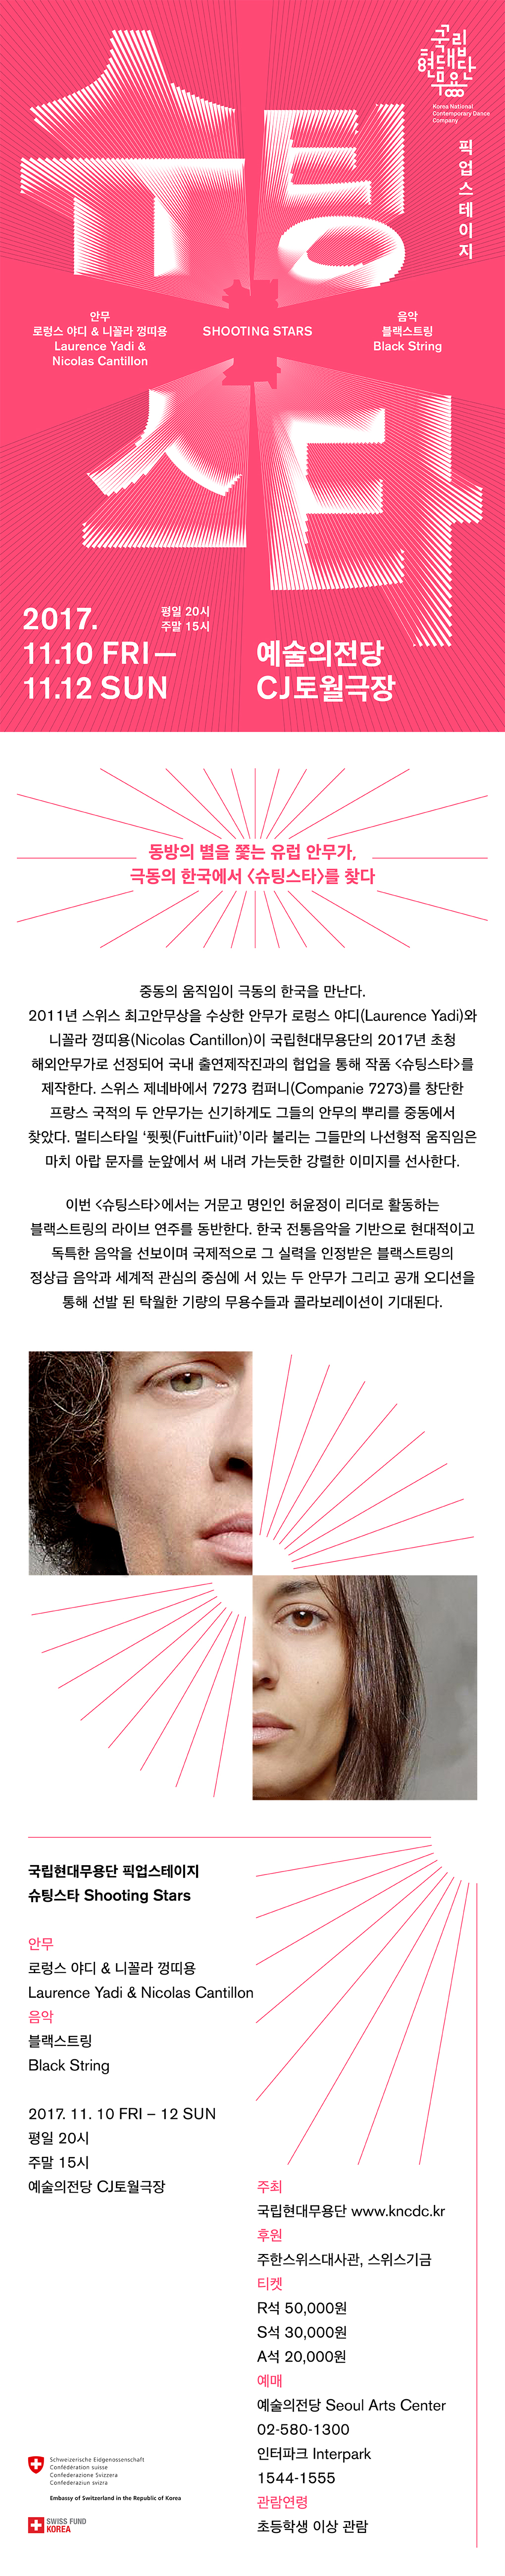 슈팅스타_공연정보